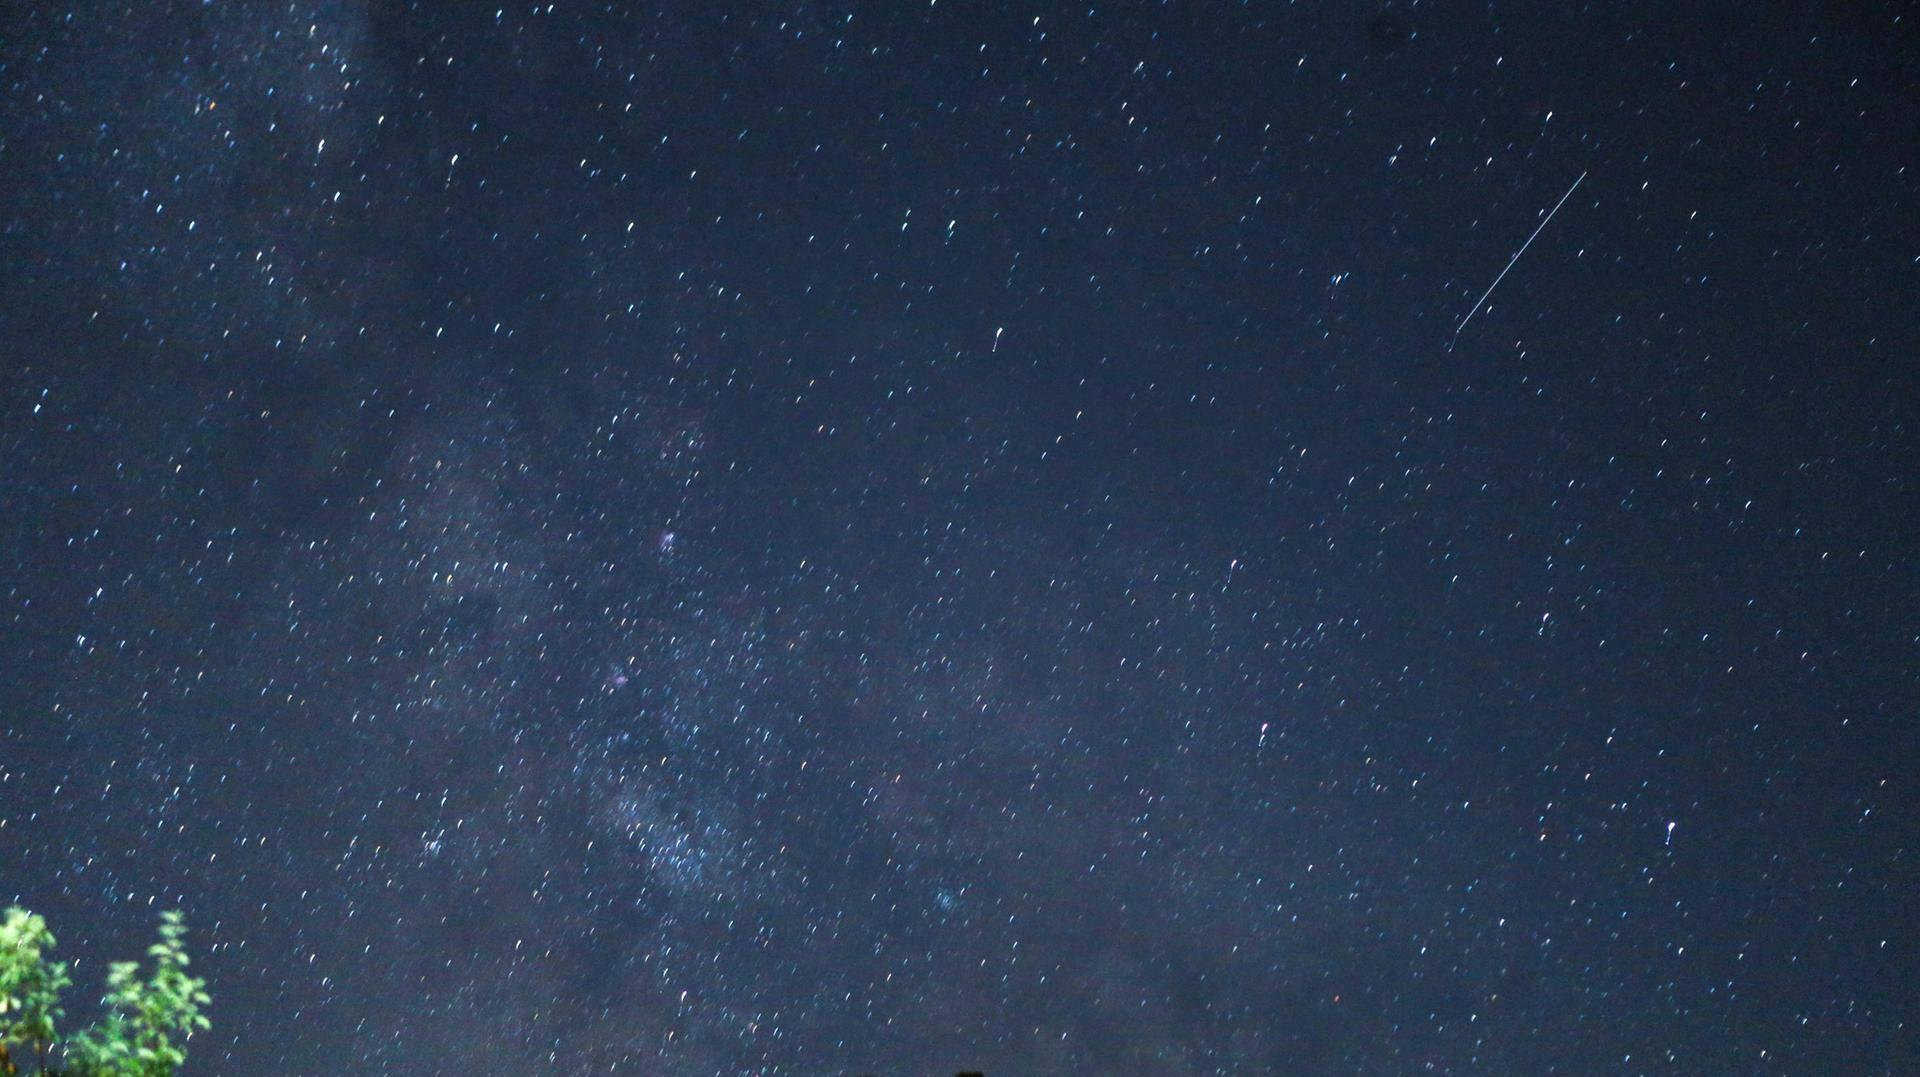 Leoniden Im November: Deshalb Regnet Es Jetzt Wieder bestimmt für Sternschnuppe Bilder Gratis